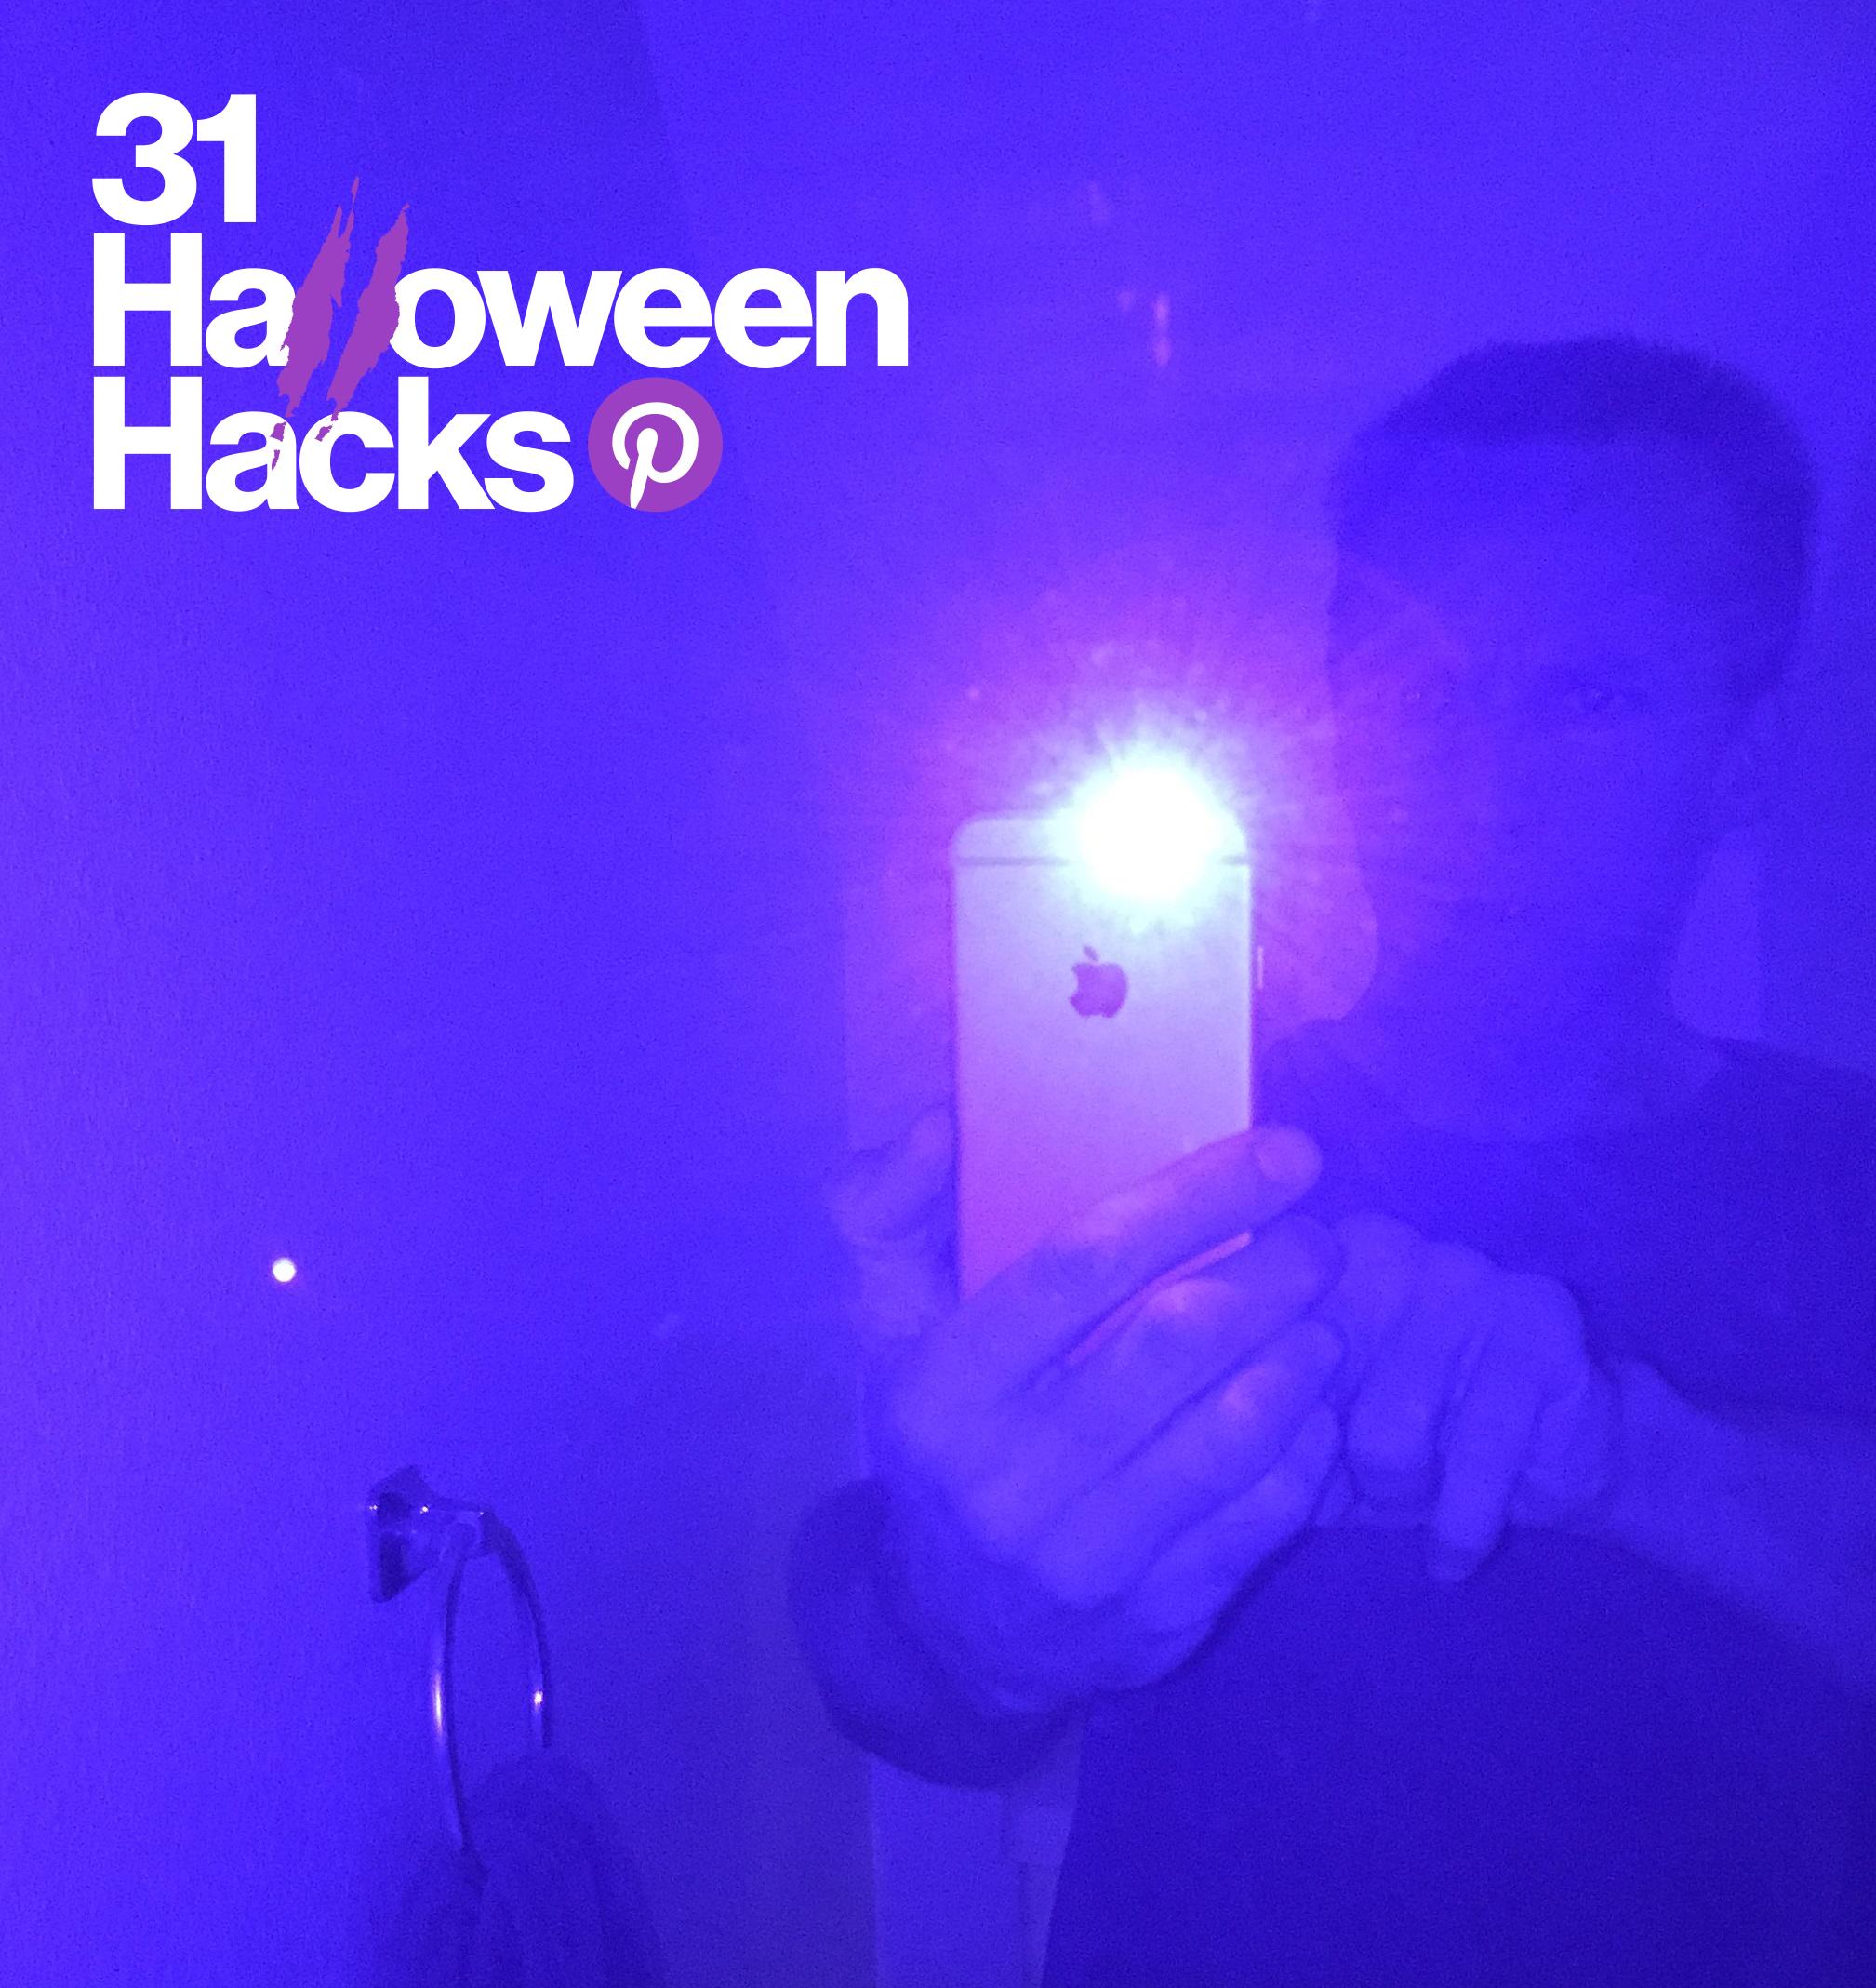 Halloween hack 20/31   31 Halloween hacks   Pinterest   Spooky ...